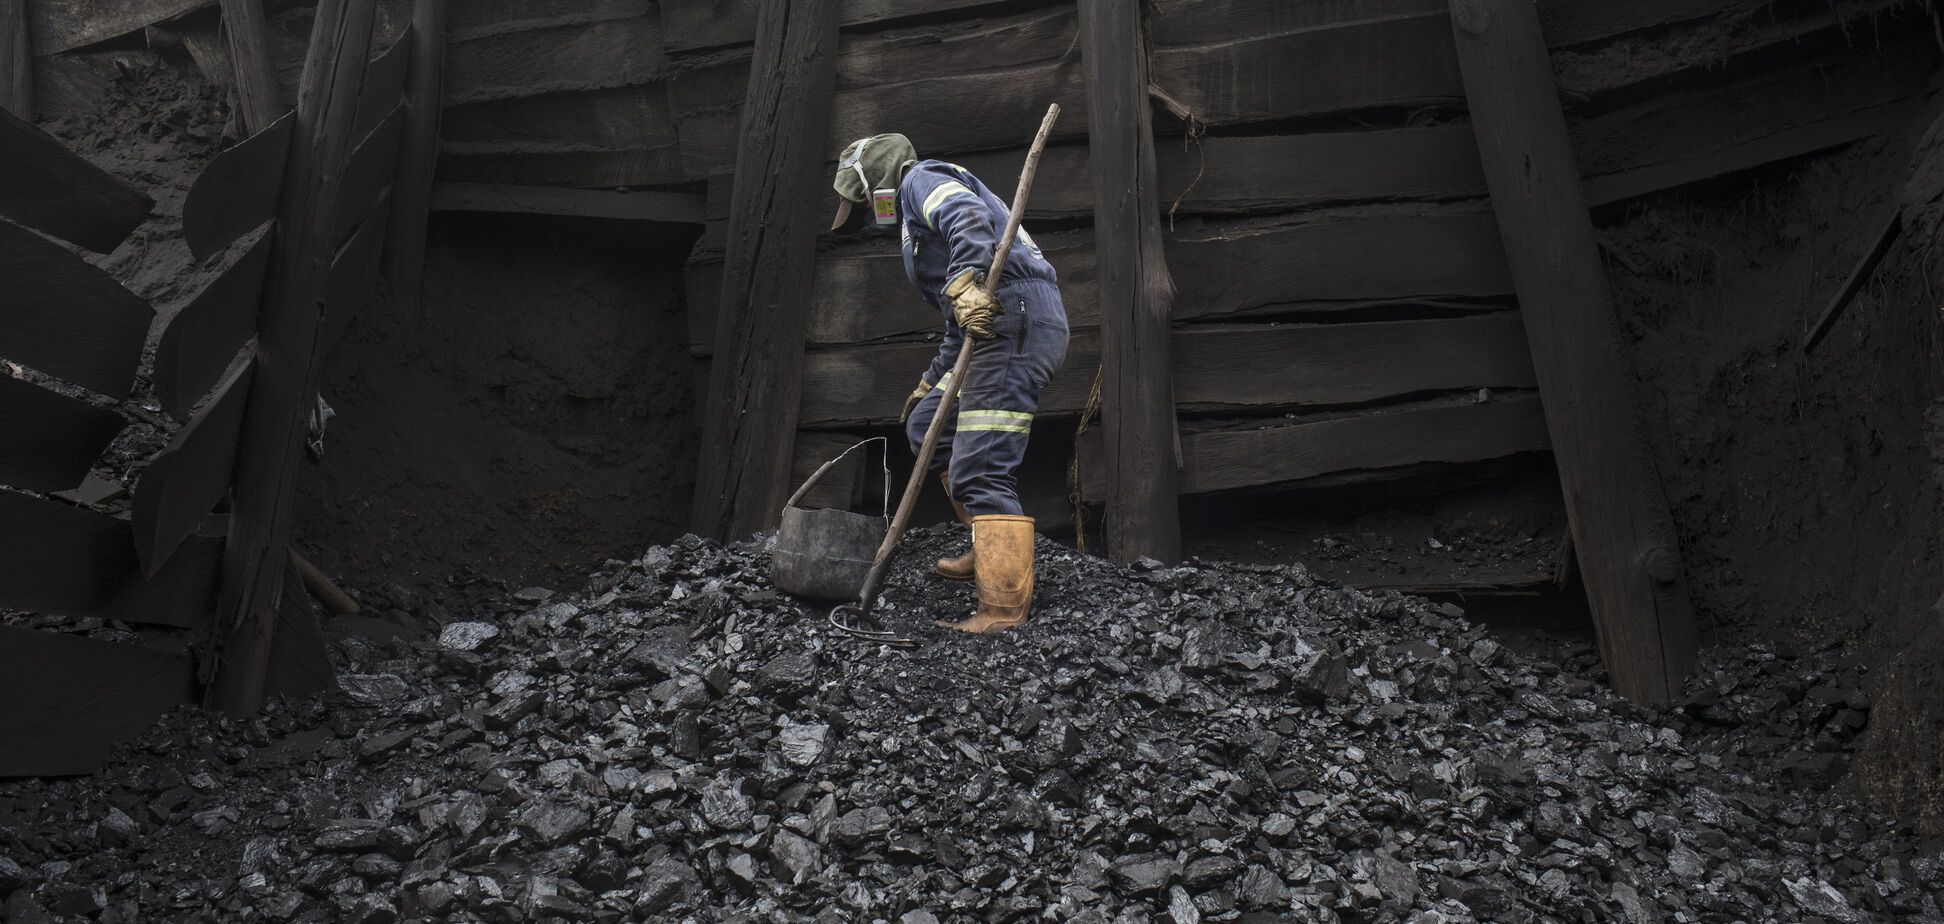 Уголь 'Л/ДНР' в Европе: в Раде предупредили о серьезных последствиях